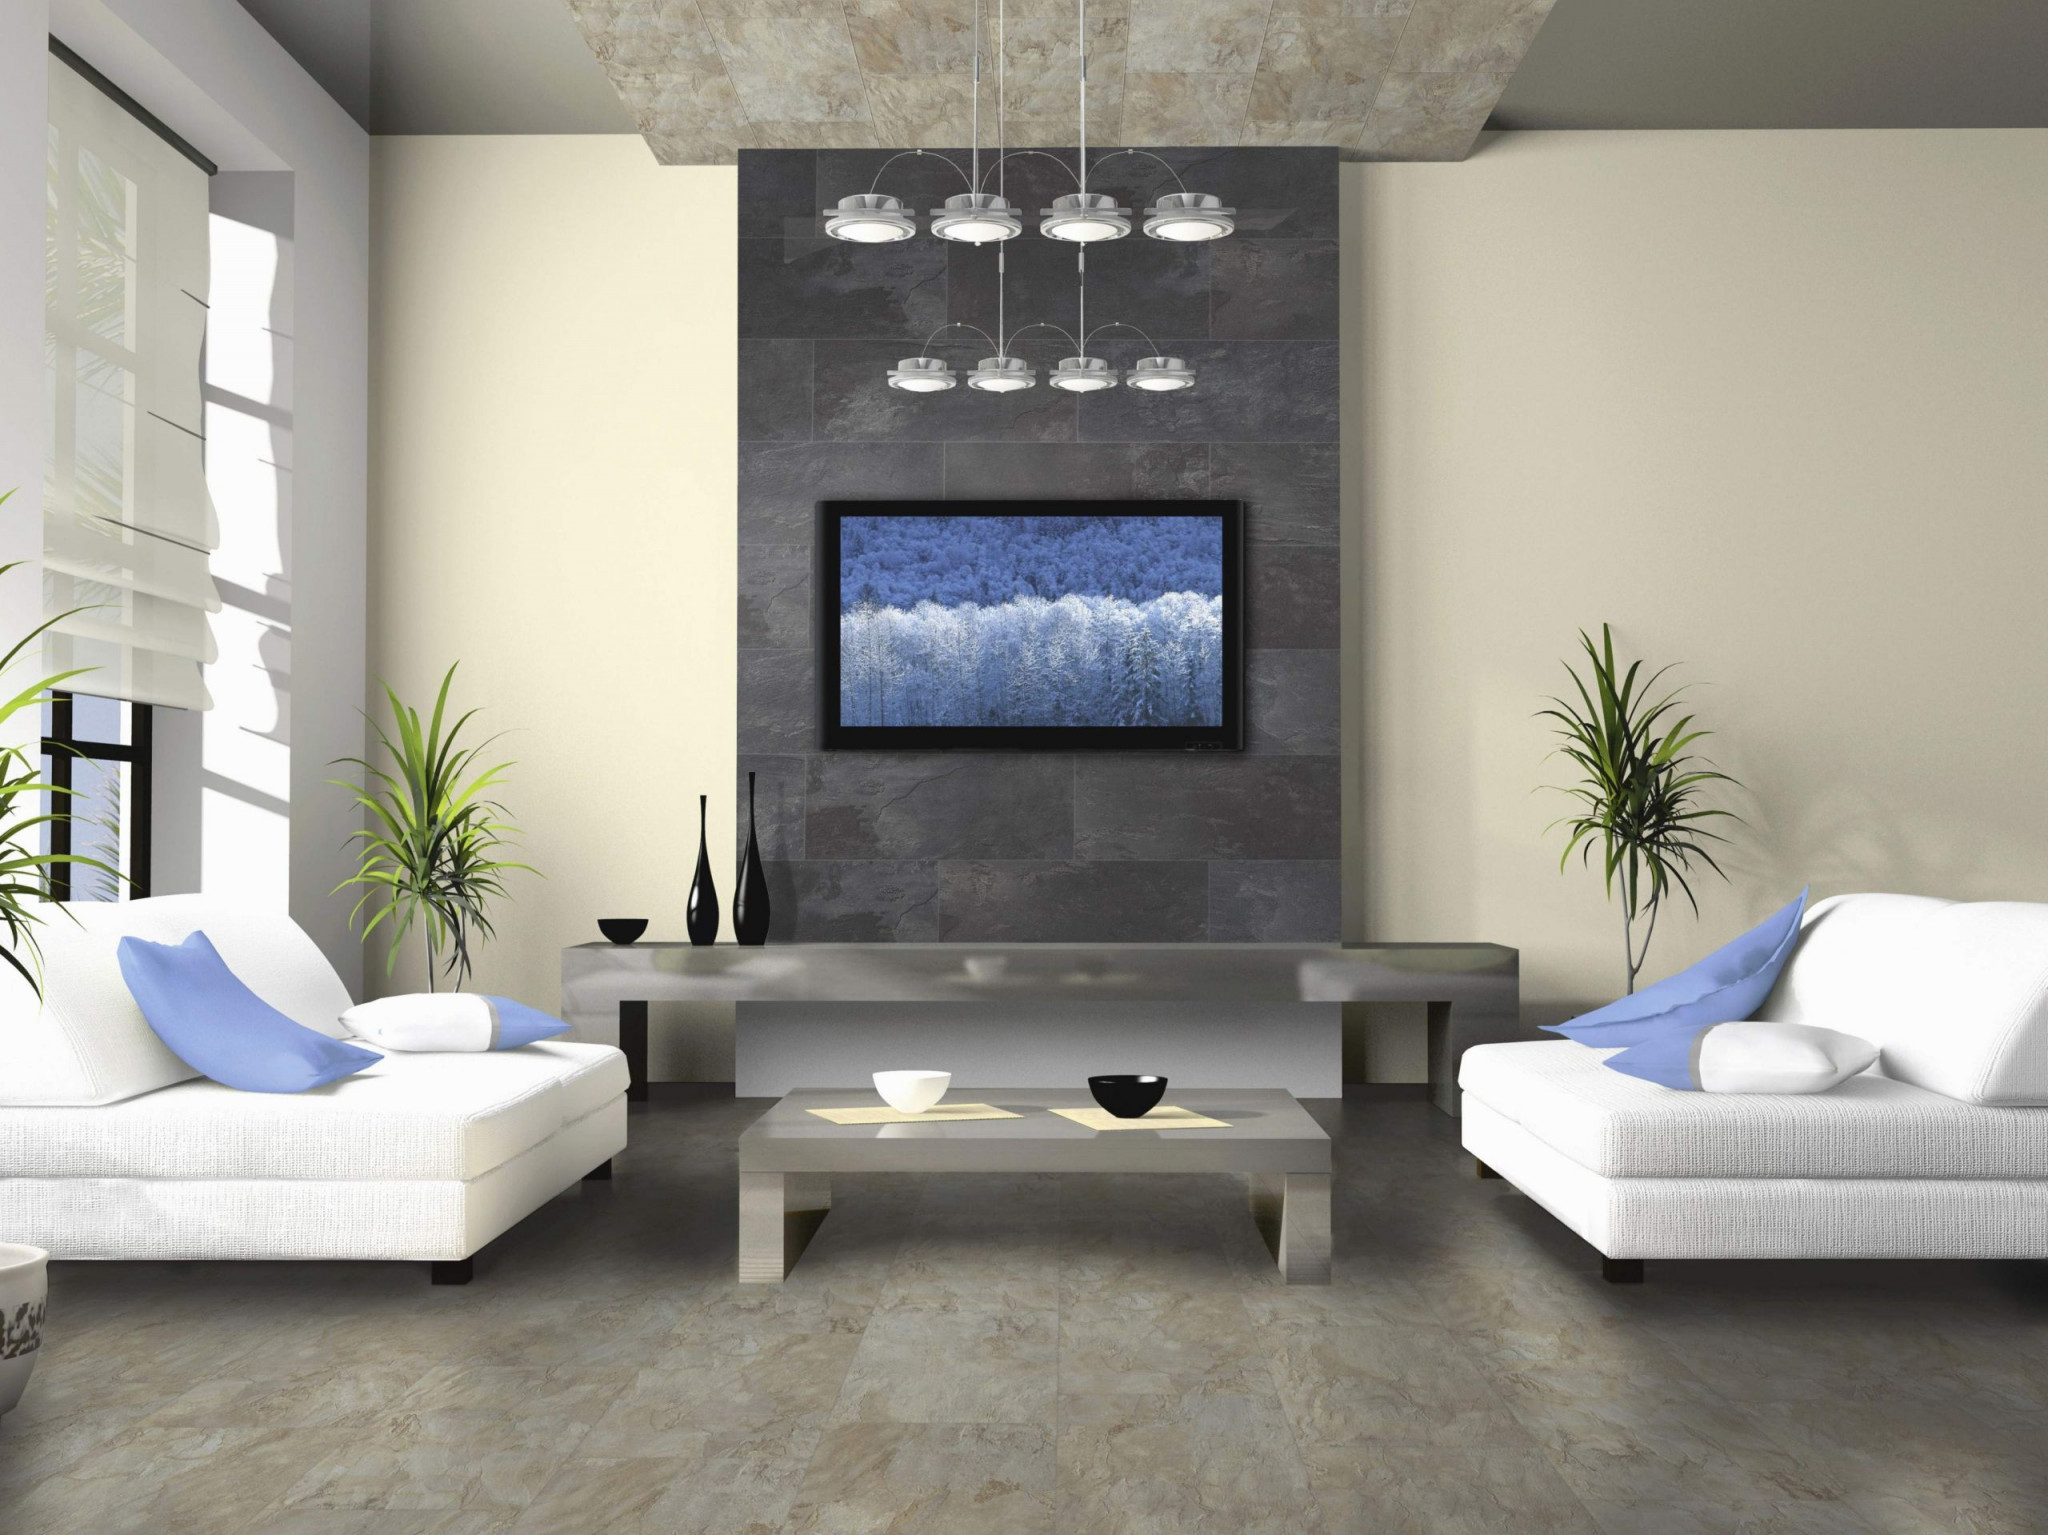 27 Luxus Moderne Deko Wohnzimmer Elegant  Wohnzimmer Frisch von Moderne Deko Für Wohnzimmer Bild